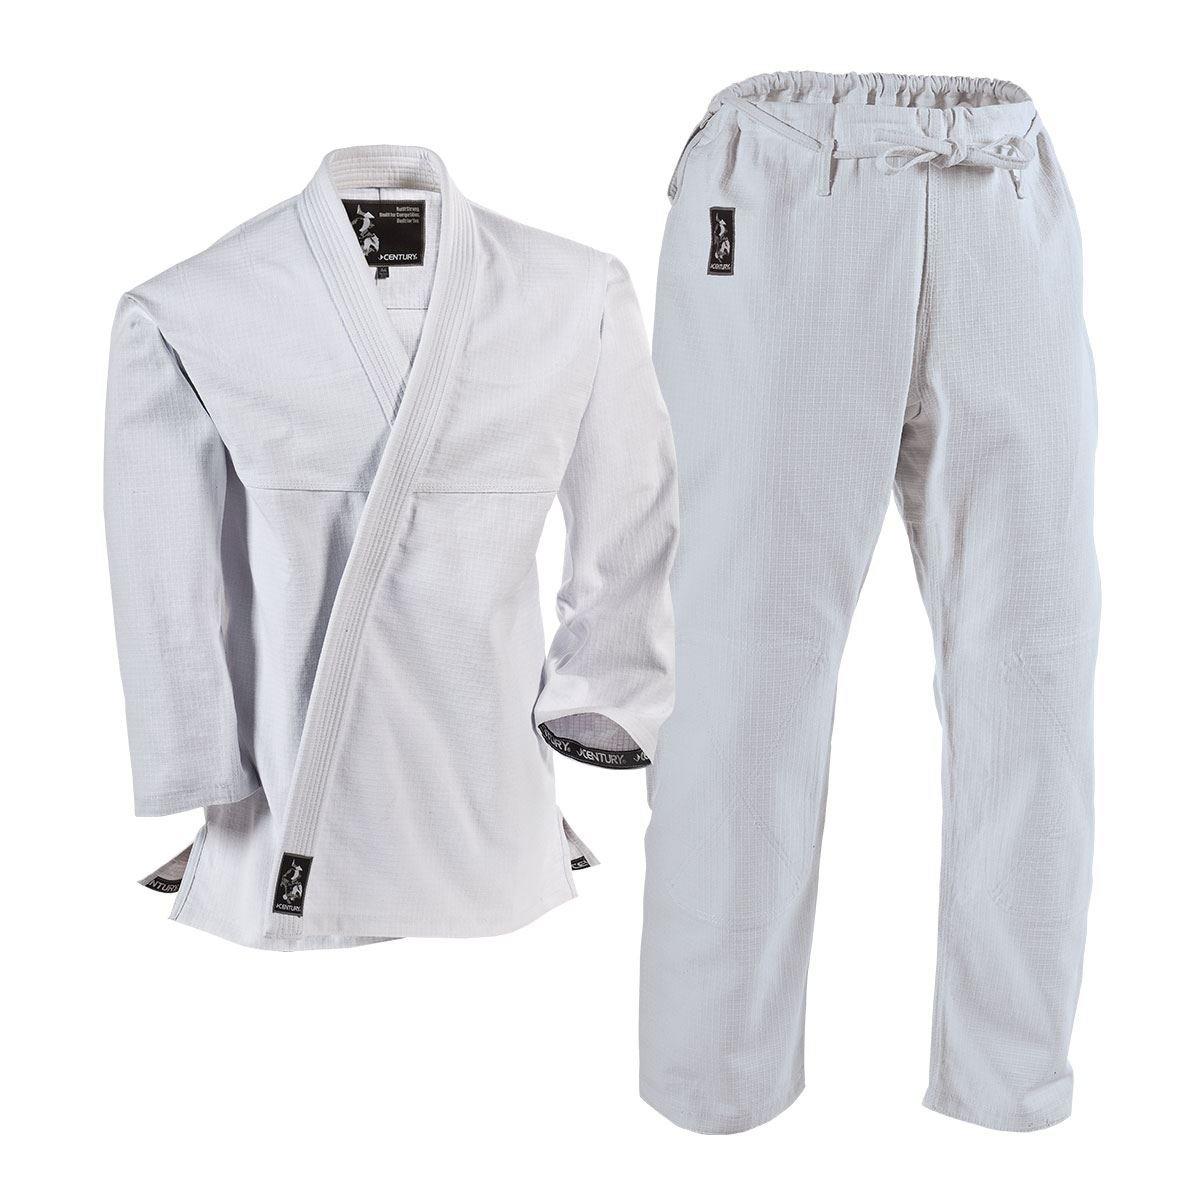 世紀メンズリップストップブラジルフィット着Uniform B00FUXYDZA ホワイト Size A5